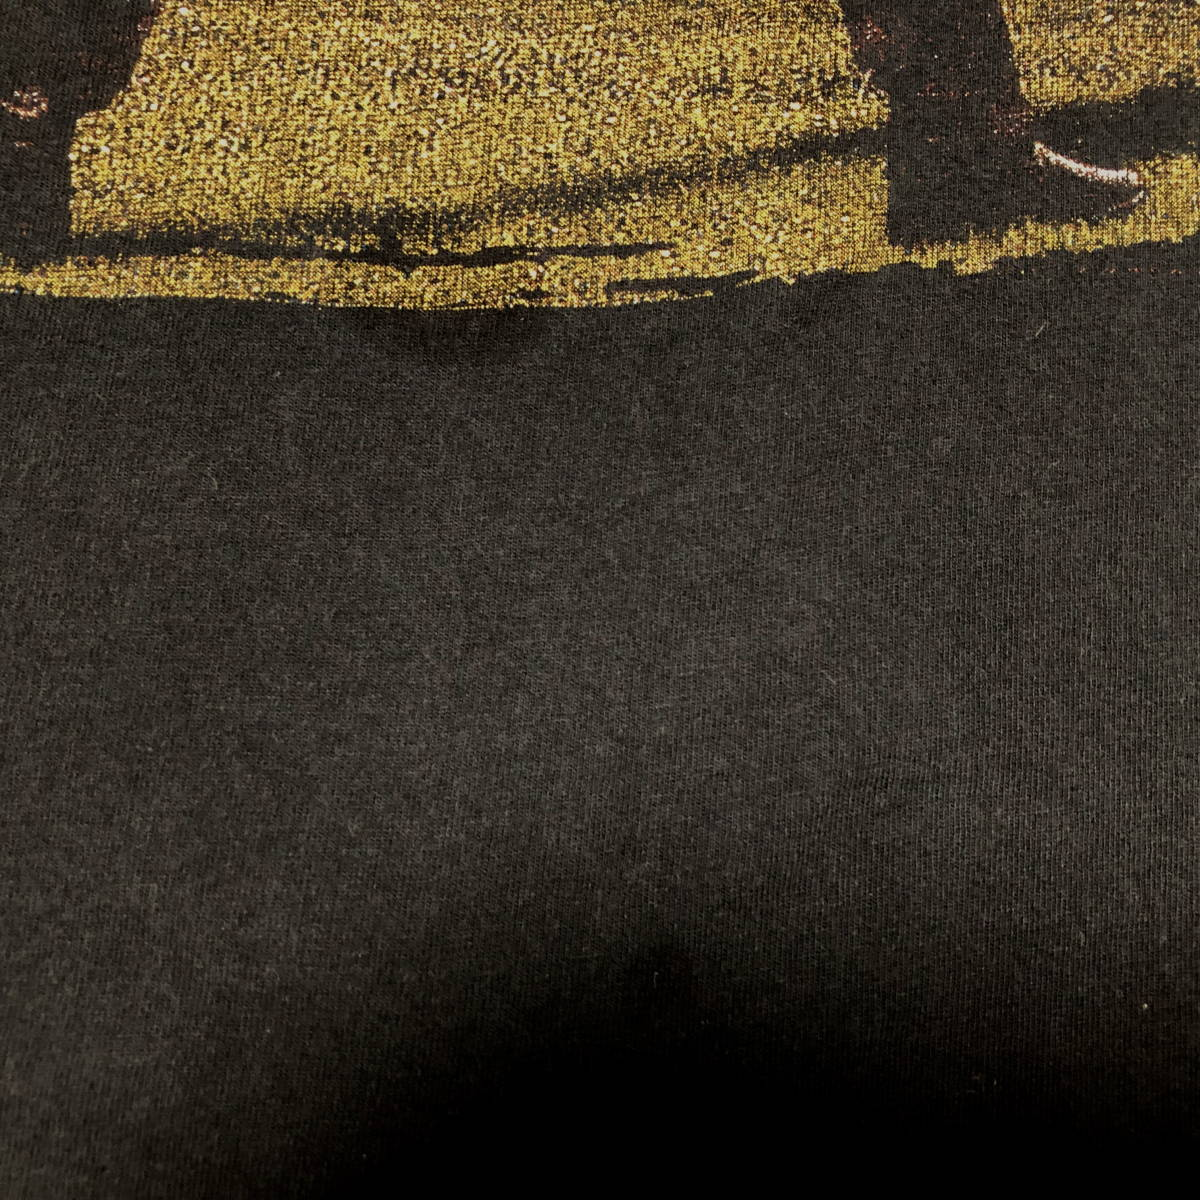 90s ビンテージ DAVID BOWIE ツアー Tシャツ XLサイズ 90年代 ヴィンテージ ボウイ バンドT NIRVANA METALLICA OASIS BLUR SONICYOUTH_画像6